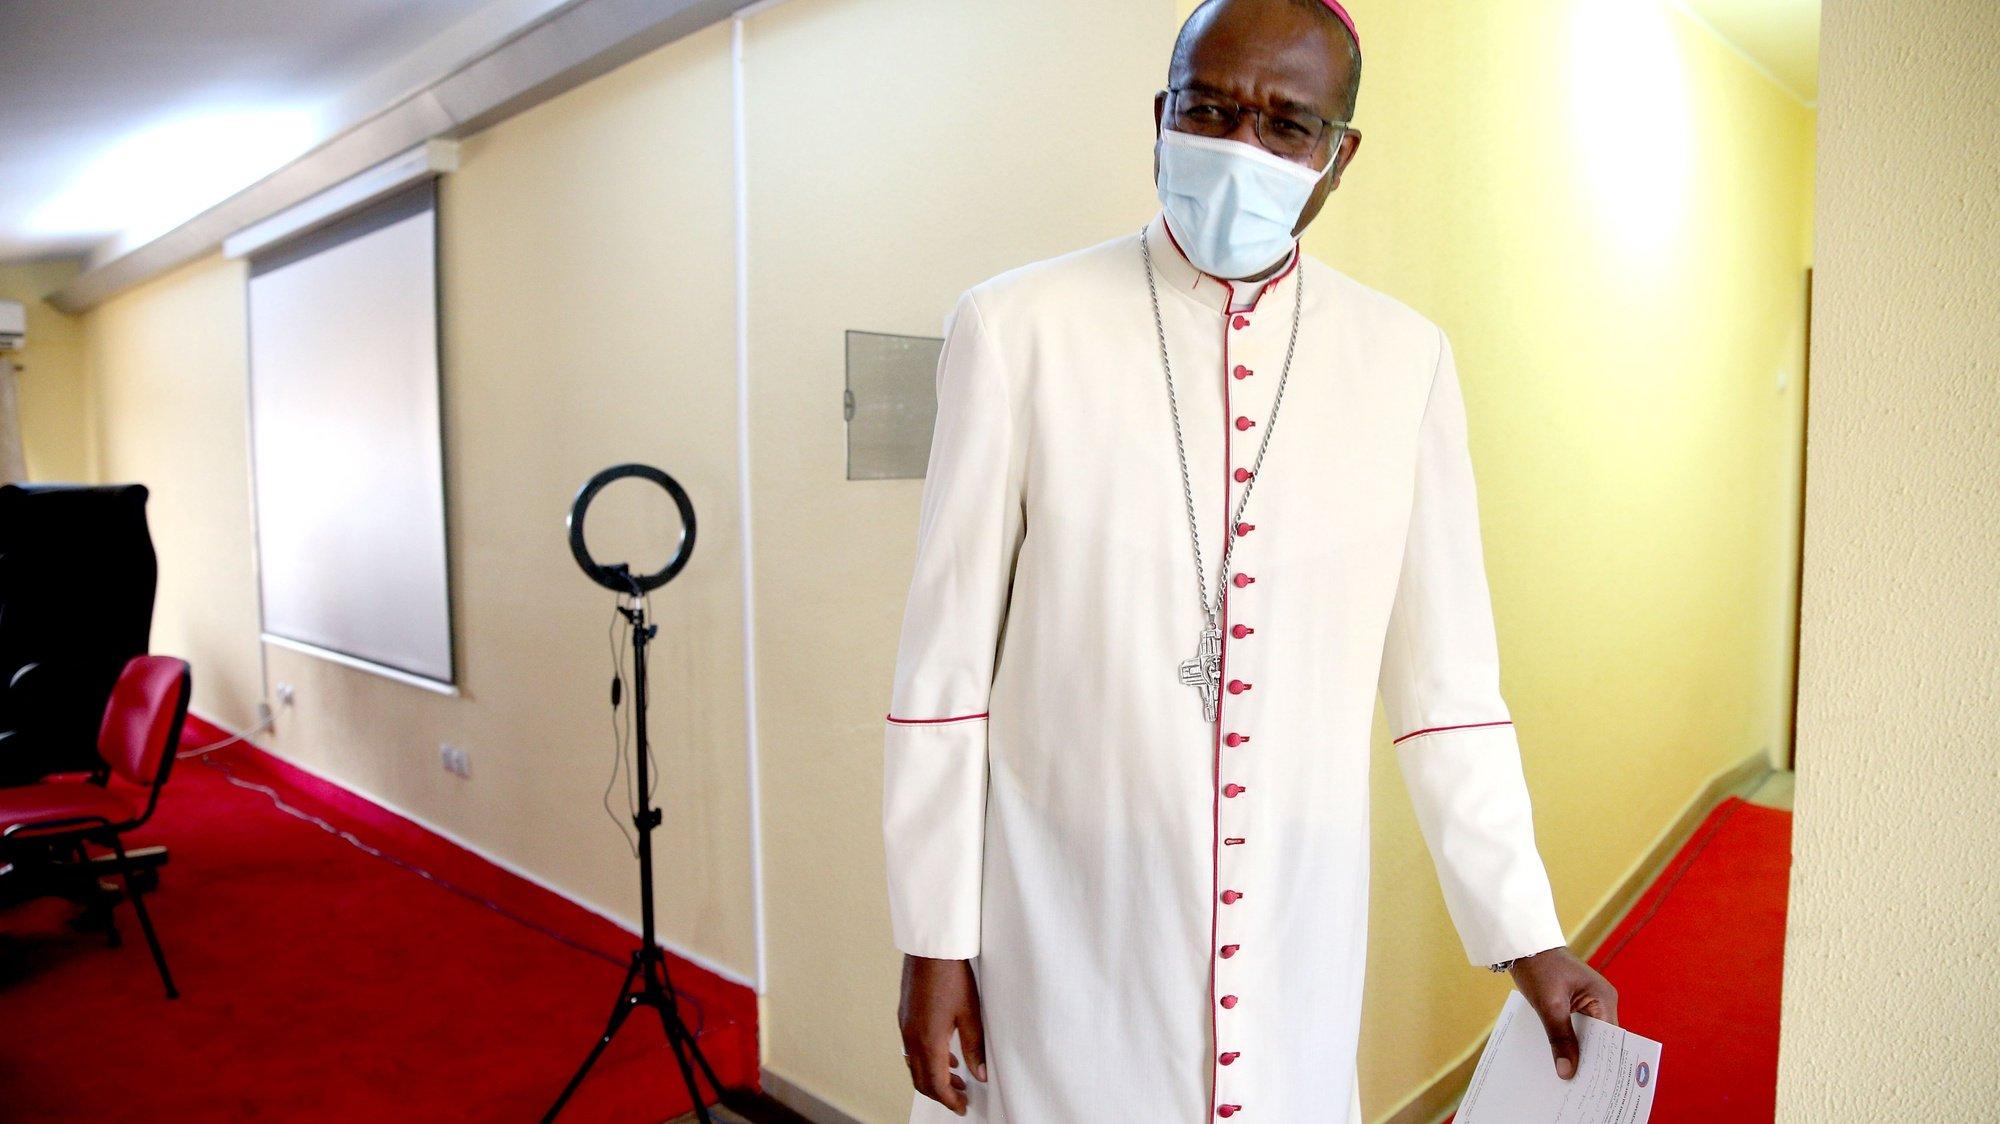 O bispo D. José Manuel Imbamba, o novo presidente da CEAST (Conferência Episcopal de Angola e São Tomé), após o encerramento da assembleia da CEAST, Luanda, Angola, 11 de outubro de 2021. AMPE ROGÉRIO/LUSA